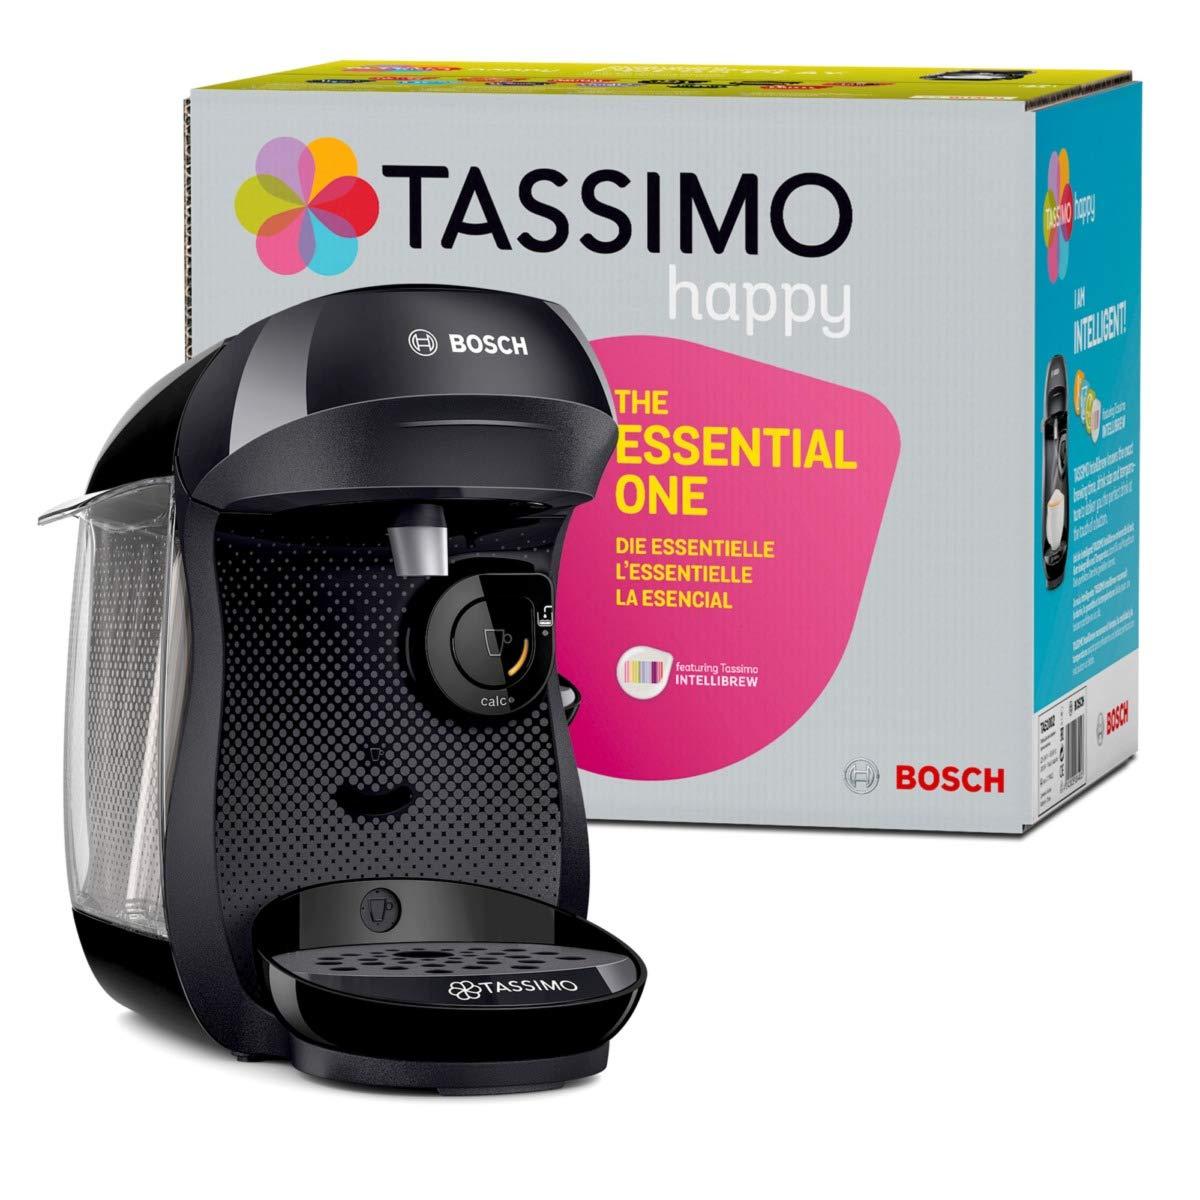 Bosch TAS1002 Tassimo Happy Cafetera, 1400 W, 0.7 litros, Plástico, Negro